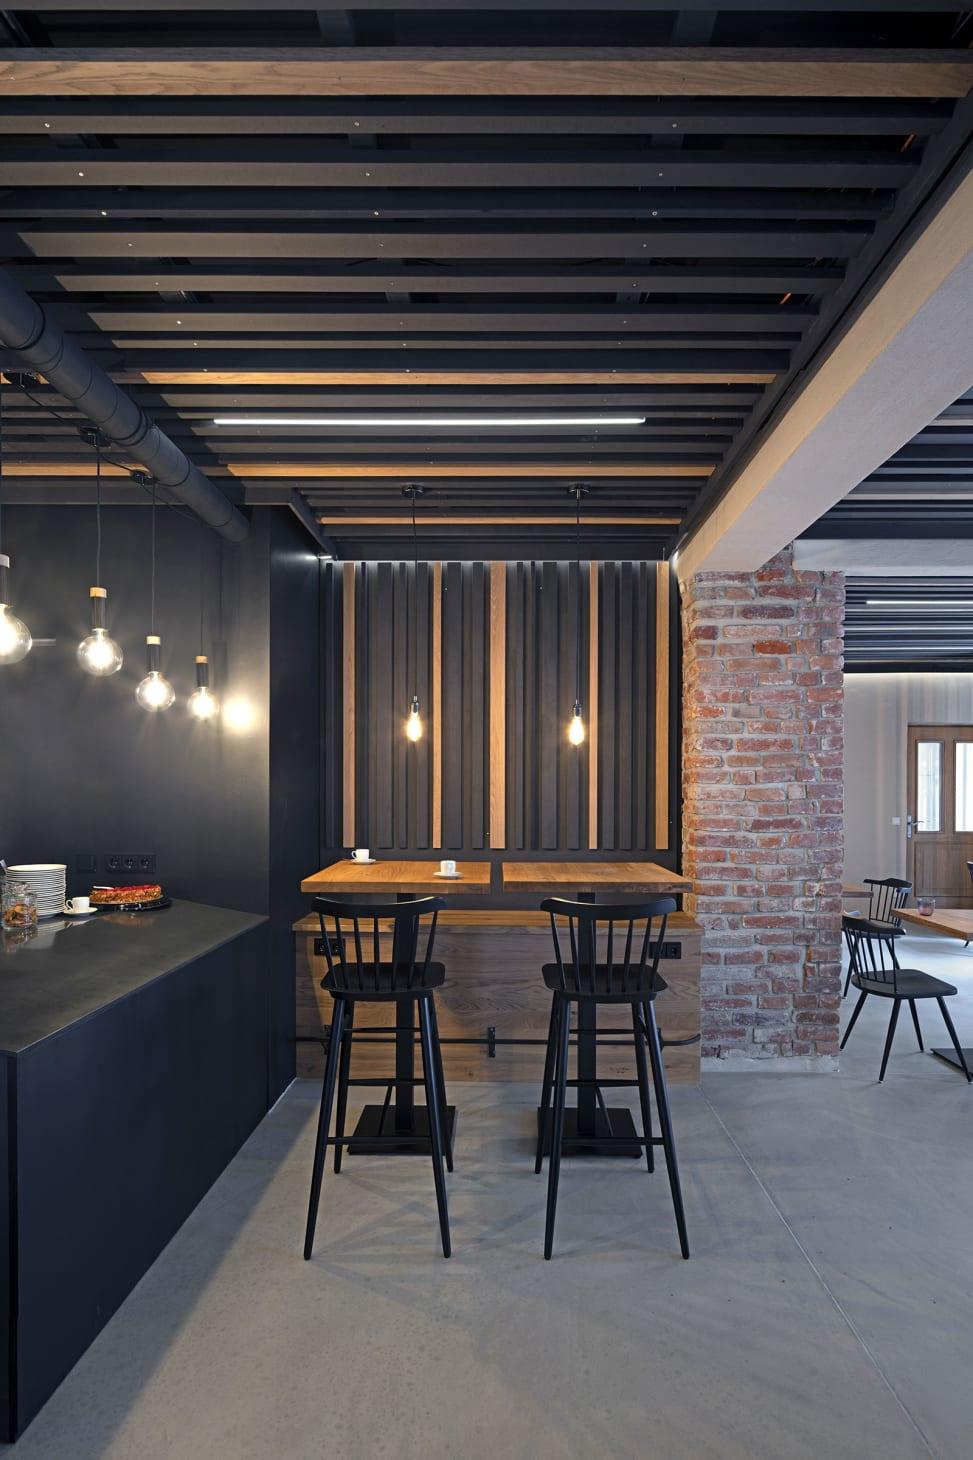 Cafe Genusswelt Donaustauf